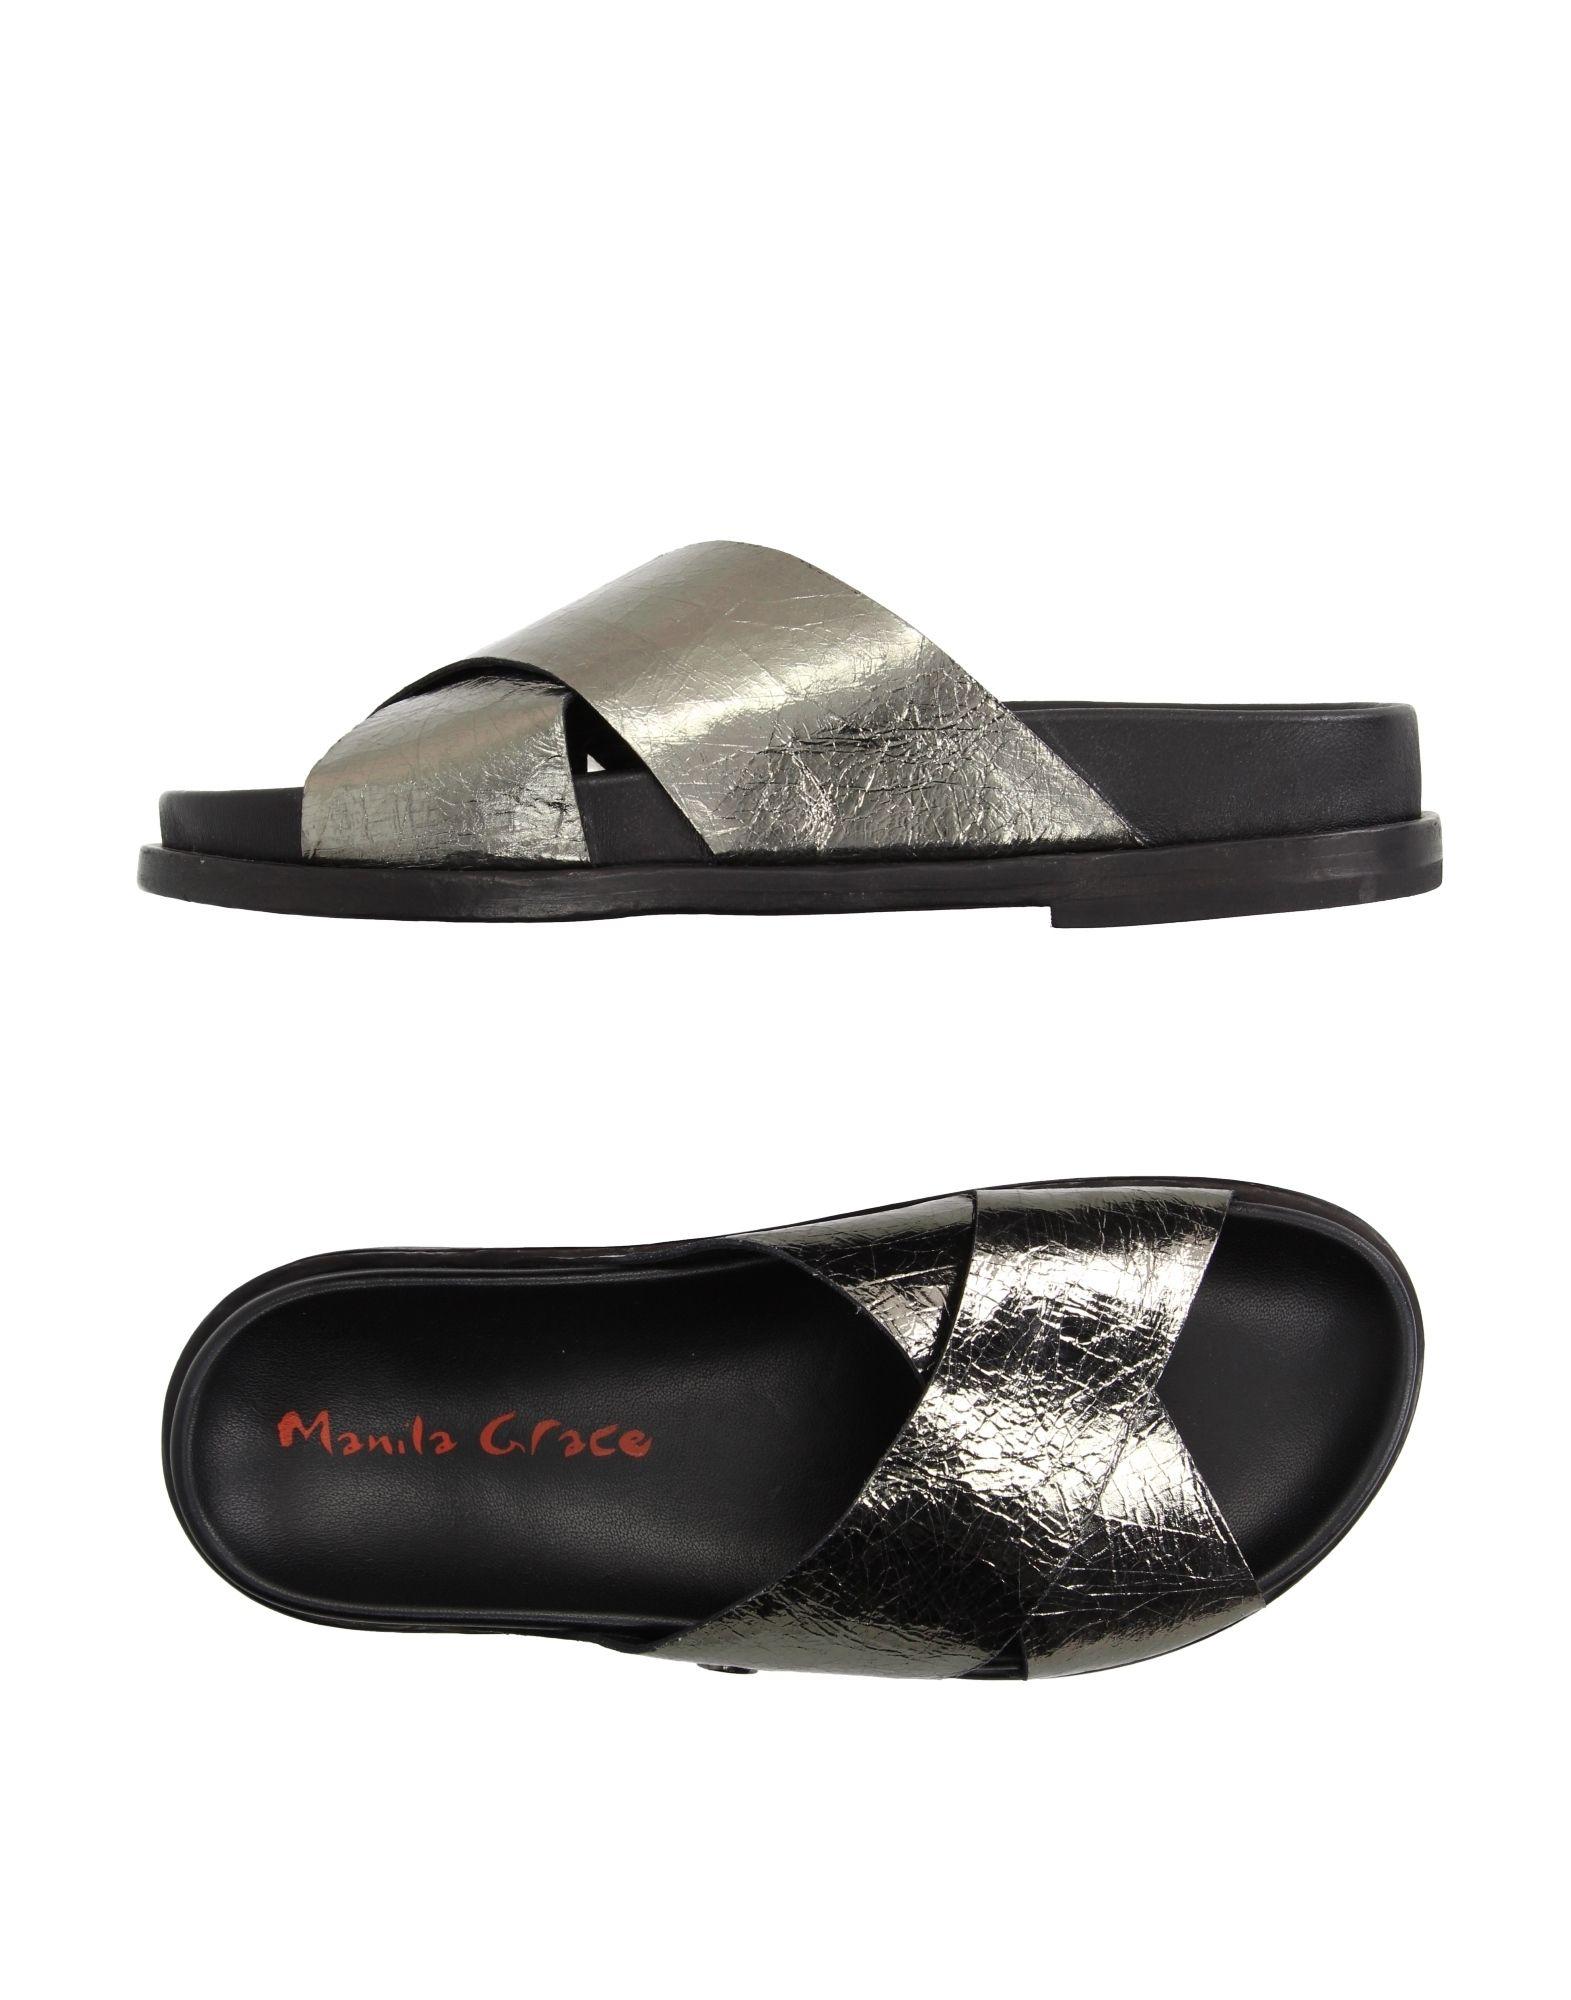 Manila Grace Sandalen Damen  11177723BD Gute Gute 11177723BD Qualität beliebte Schuhe a0d324